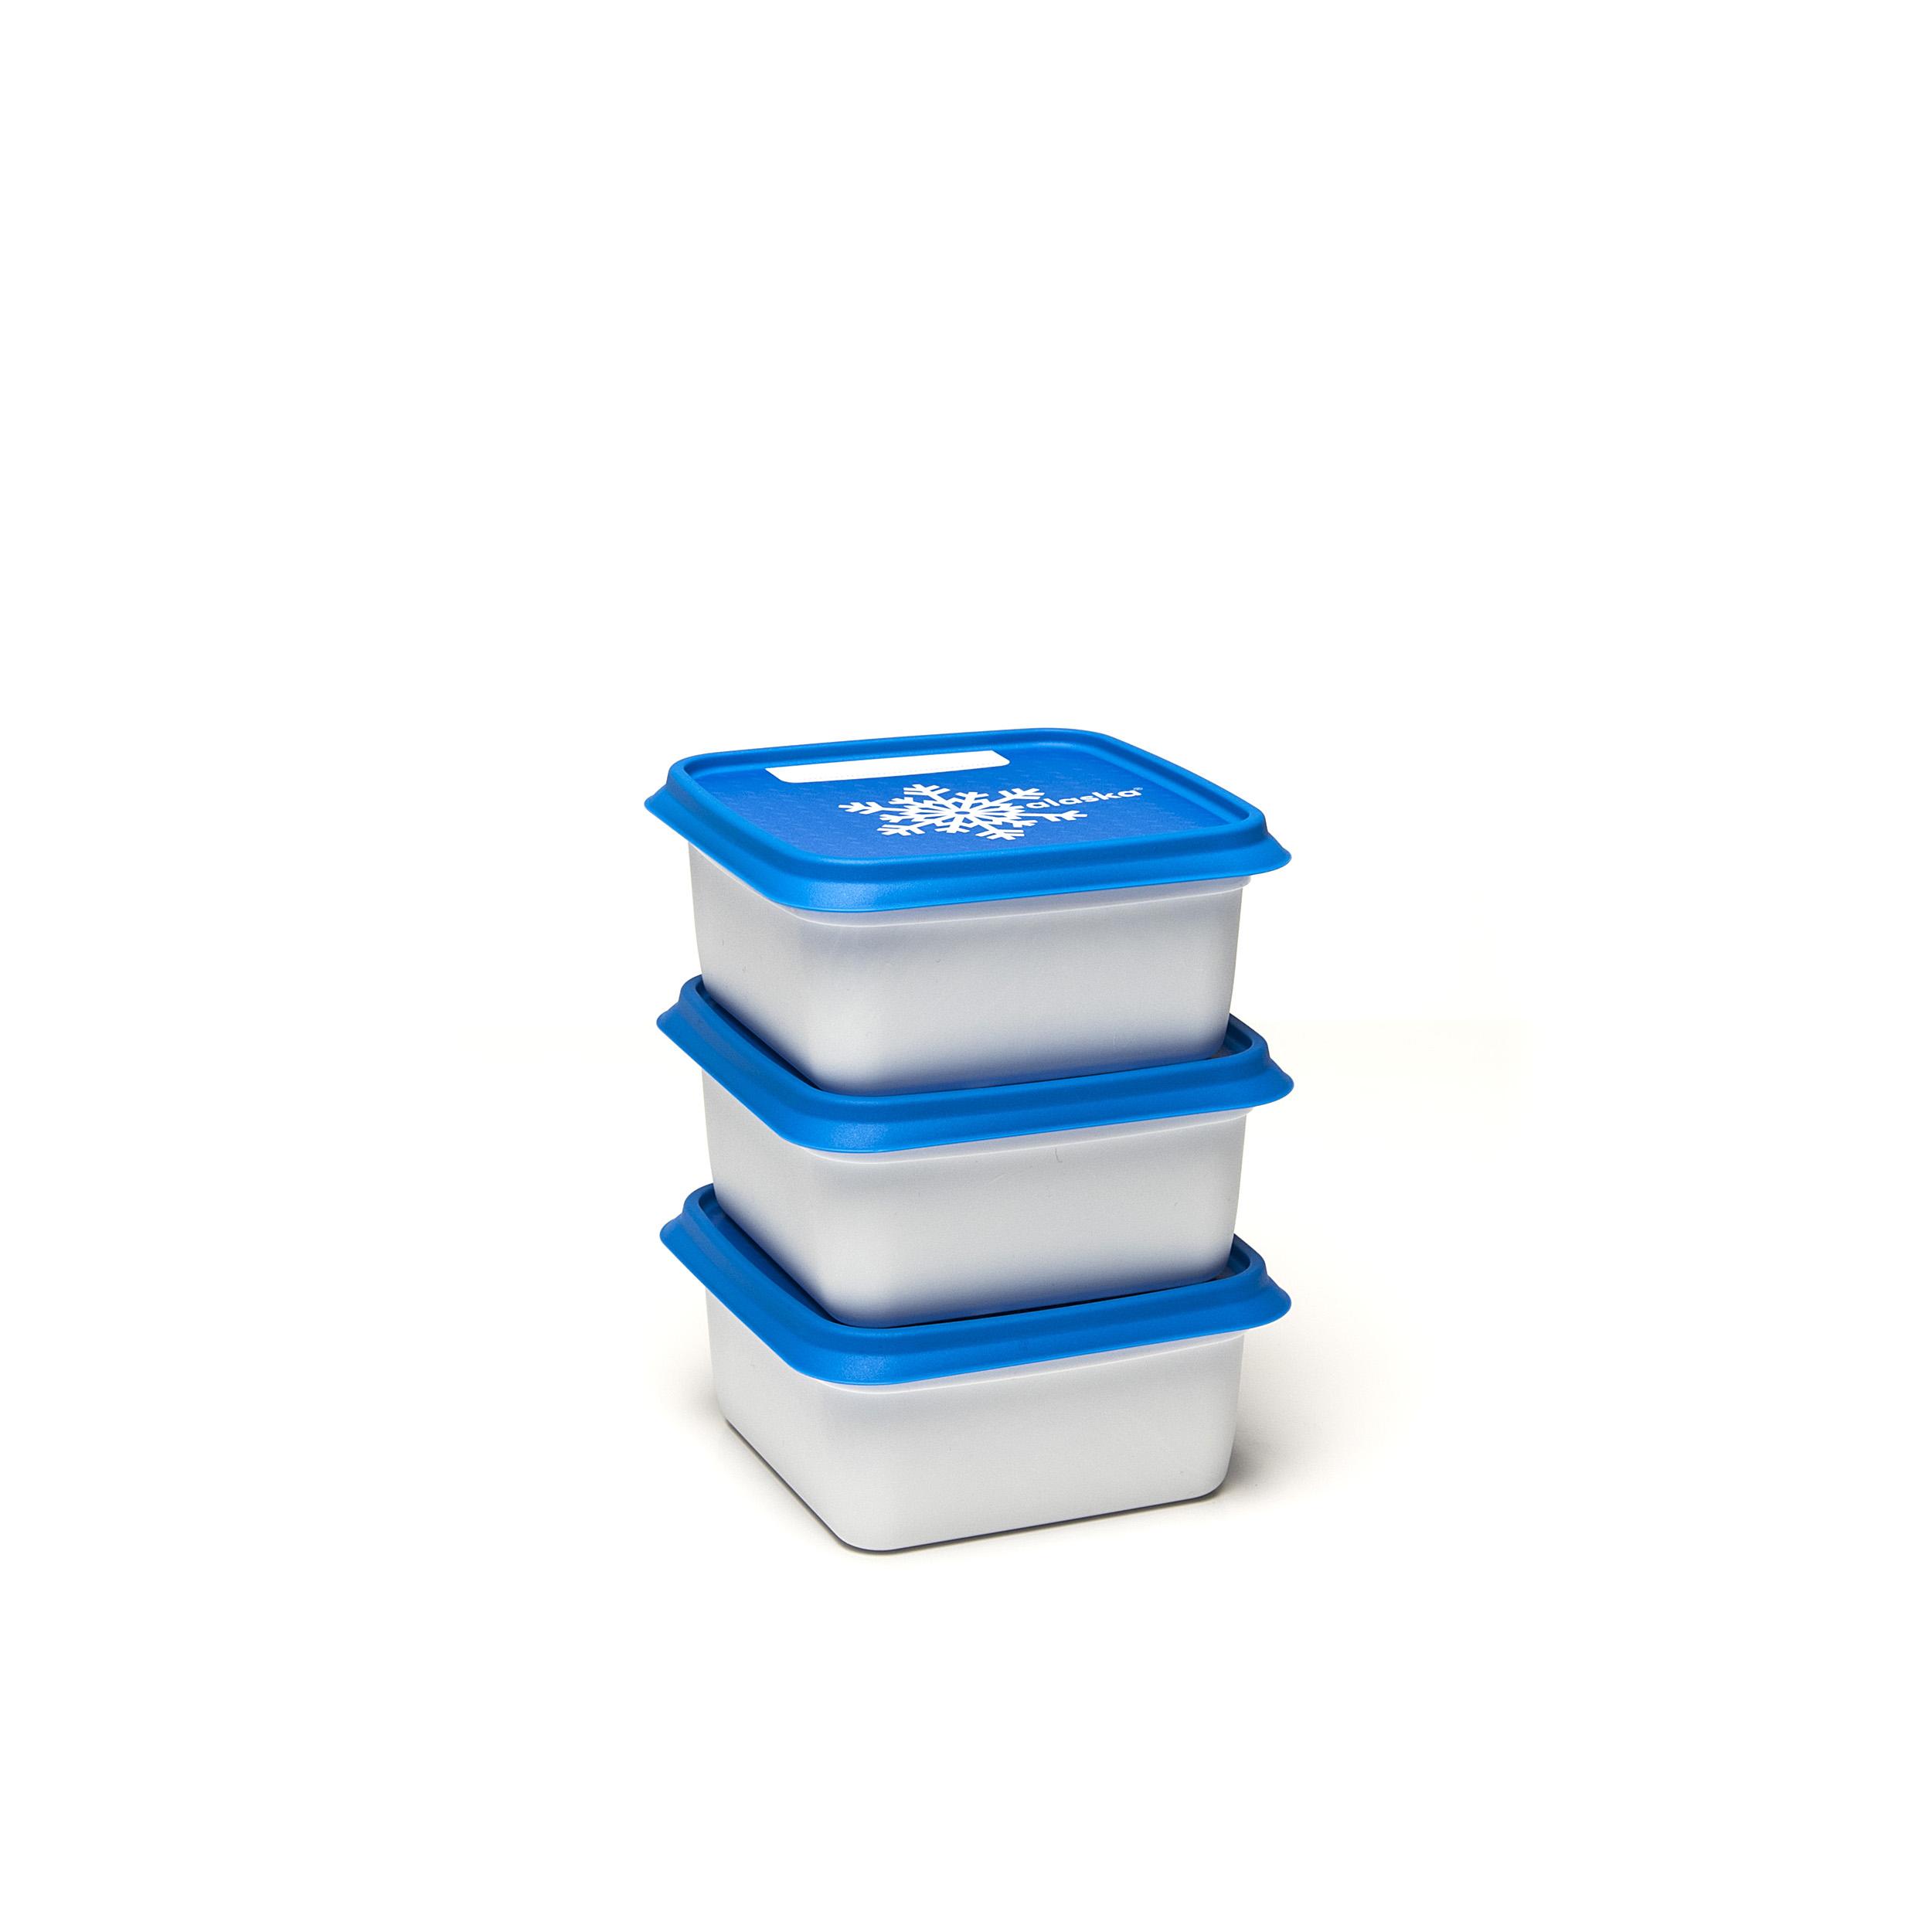 Alaska®500ml(set1x3) - .... Got lots to freeze? Then these Alaska® freezer boxes will be a great help. They will save space in your freezer, can be stacked on top and inside each other. You can find them in every format imaginable and can easily write the contents on the outside. Dirty? Pop them in the dishwasher and they will be as good as new. .. Beaucoup d'aliments à congeler ? Ces boîtes de congélation Alaska® sont faites pour cela. Elles vous font gagner de la place dans votre congélateur, sont empilables mais aussi emboîtables. Disponibles dans tous les formats imaginables, on peut aussi y mentionner le contenu facilement. Sales ? Mettez-les dans le lave-vaisselle et elles en sortiront comme neuves. .. Veel in te vriezen? Dan zijn deze Alaska®-vriesdozen jouw redder in nood. Ze besparen plek in je diepvriezer, zijn stapelbaar én nestbaar. Je vindt ze in elk denkbaar formaat en schrijft er vlotjes de inhoud op. Vuil? Stop ze in de vaatwasmachine en ze zijn weer als nieuw. .. Sie haben viel zum Einfrieren? Dann sind diese Alaska®-Tiefkühlbehälter Ihr Retter in der Not. Sie sparen Platz im Tiefkühlschrank, sind stapel- und schachtelbar. Es gibt sie in jedem denkbaren Format und sie lassen sich leicht beschriften. Schmutzig? Geben Sie sie in die Spülmaschine und sie sind wieder wie neu. ....